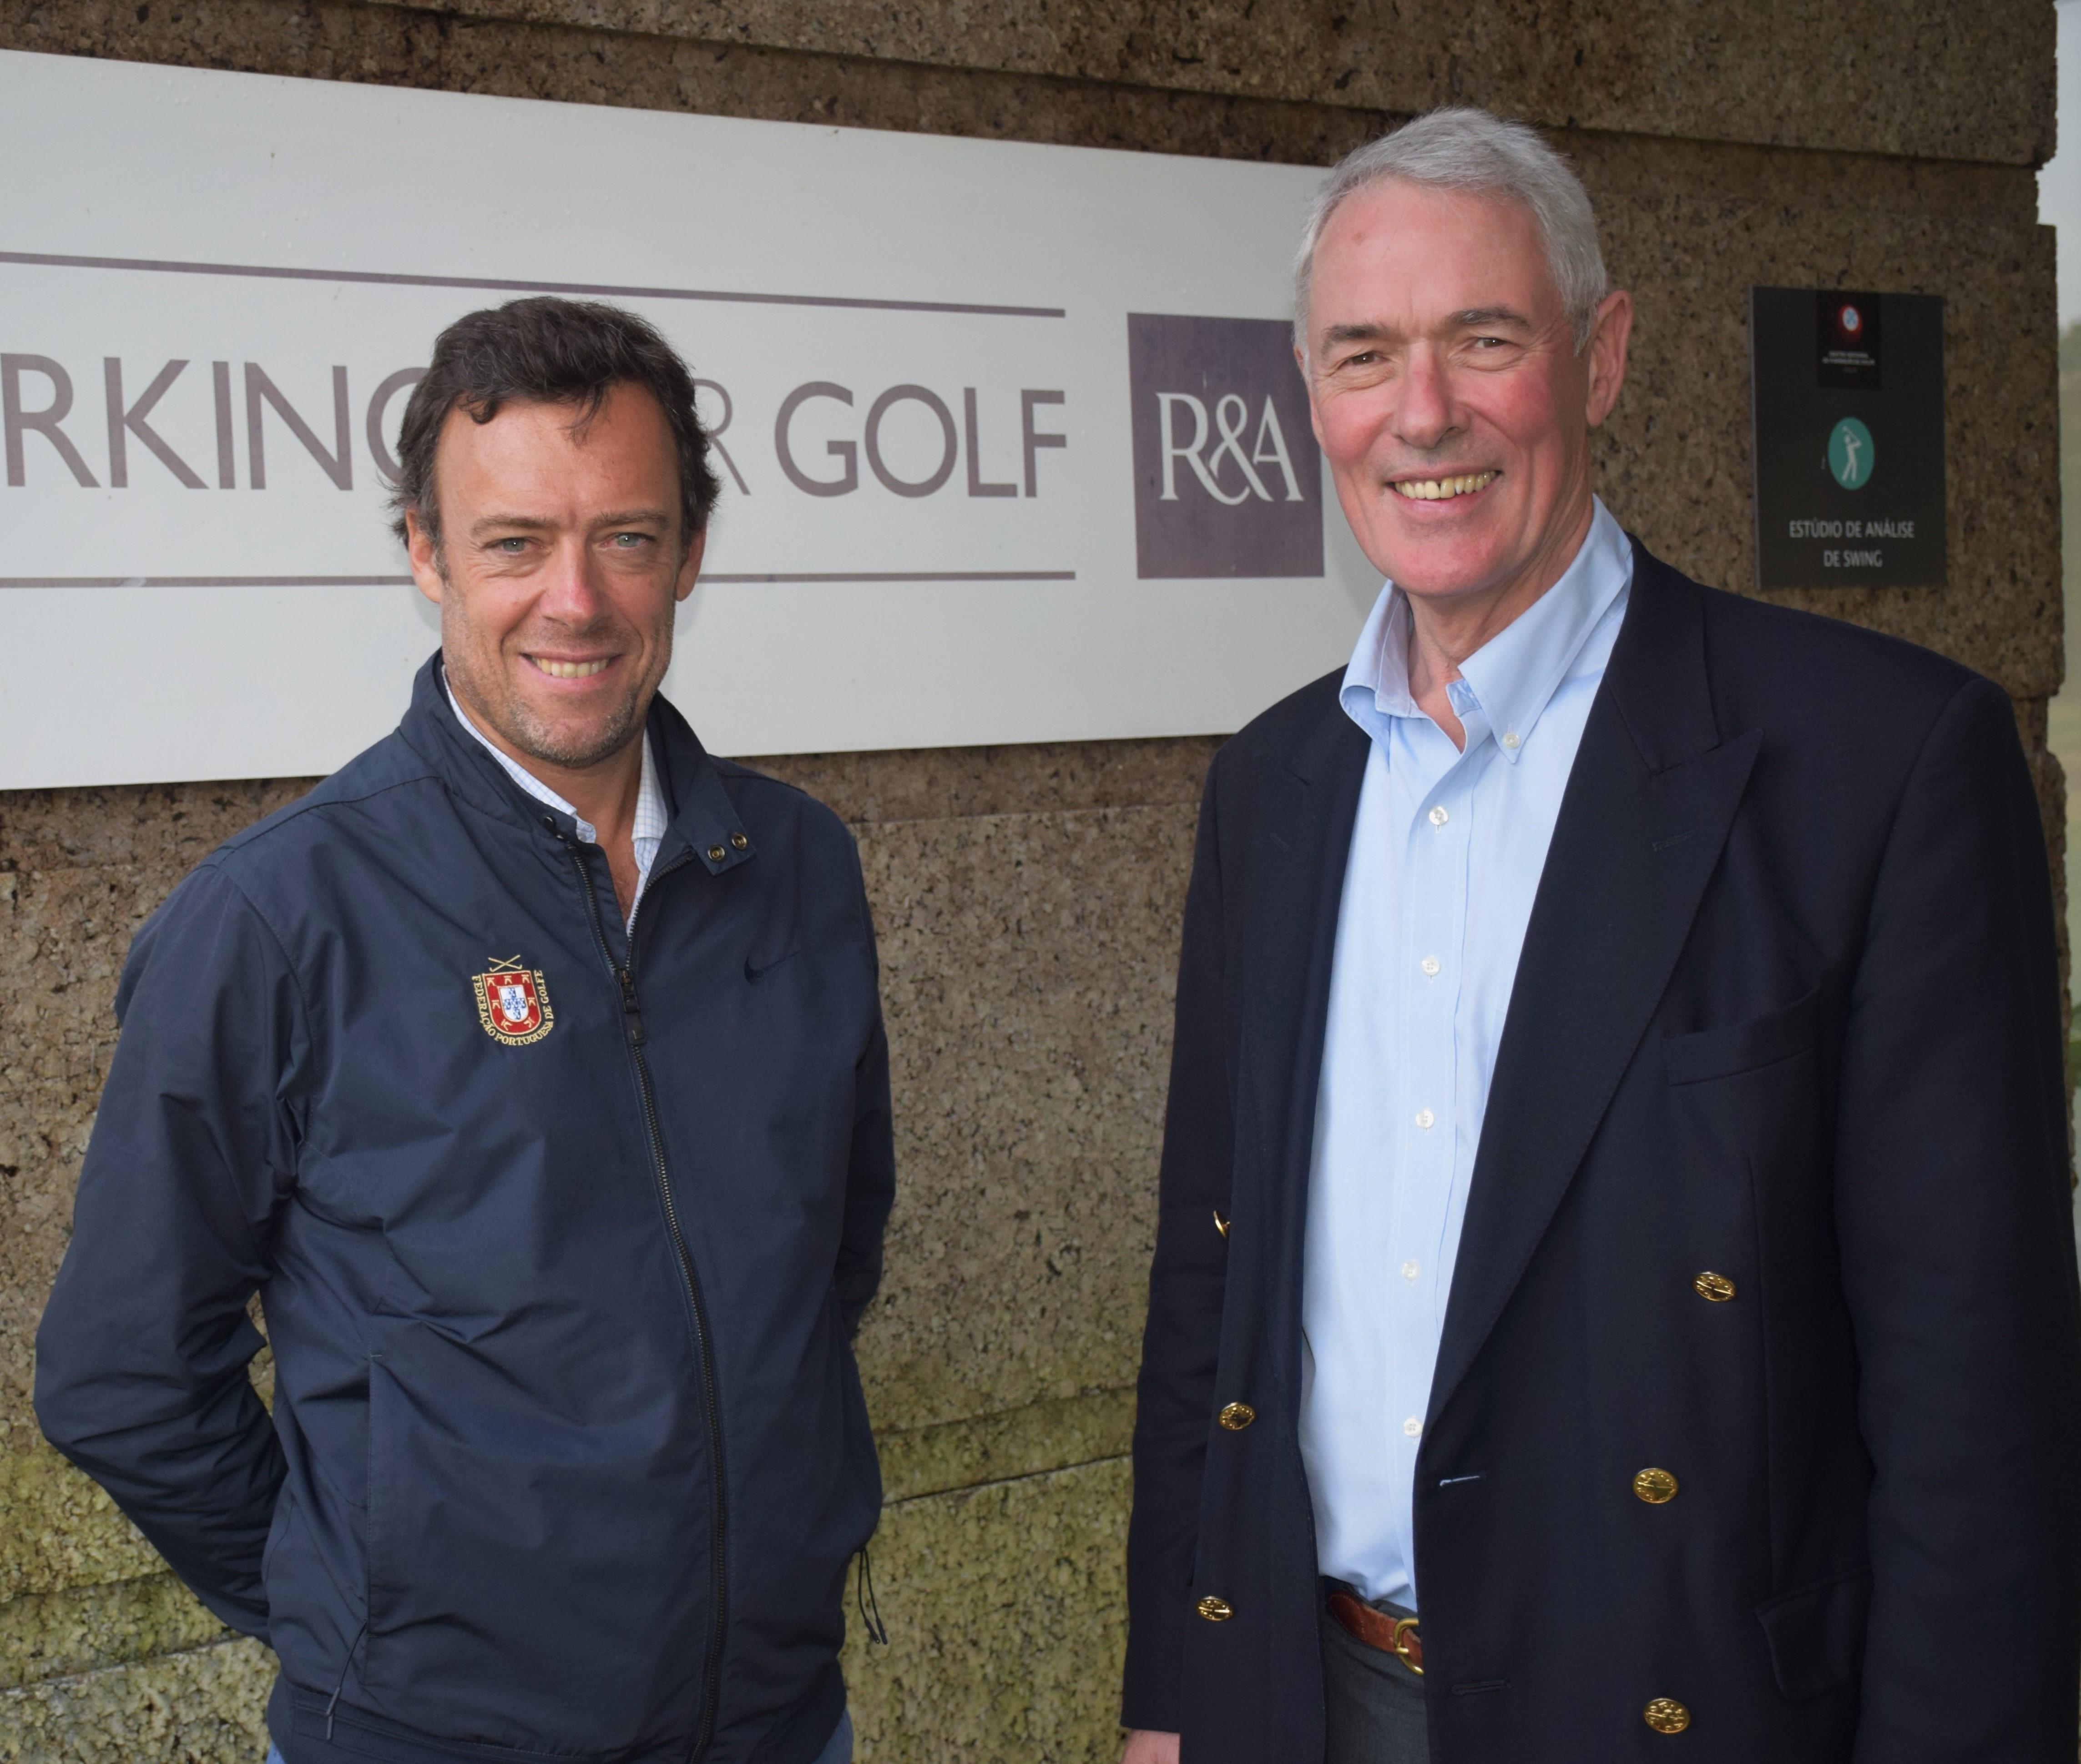 Chris Hilton, Capitão do Royal and Ancient Golf Club of St. Andrews, visita Jamor